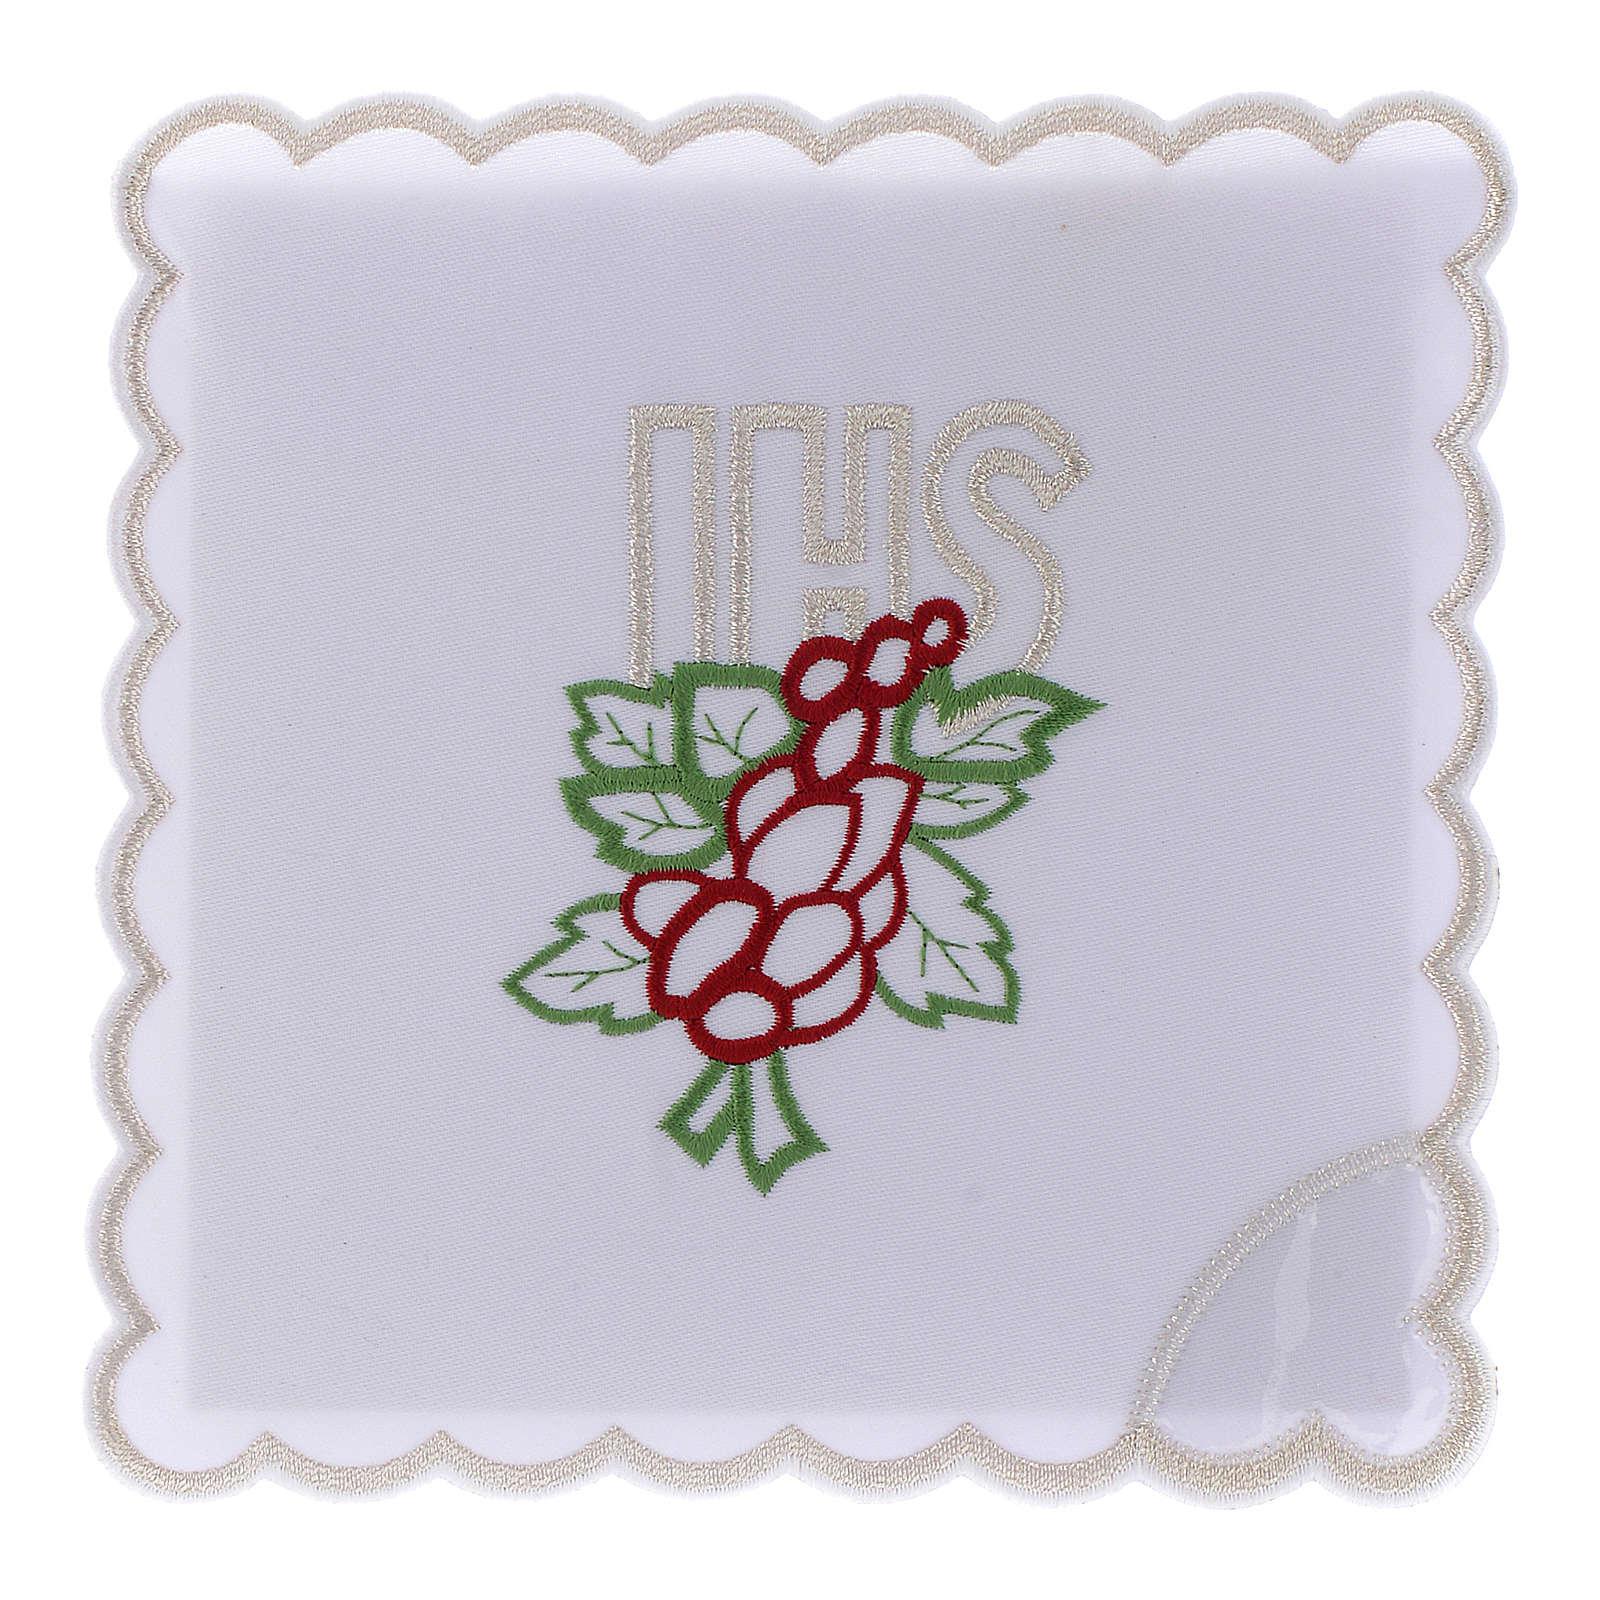 Servizio da altare cotone ricamo uva foglie JHS 4